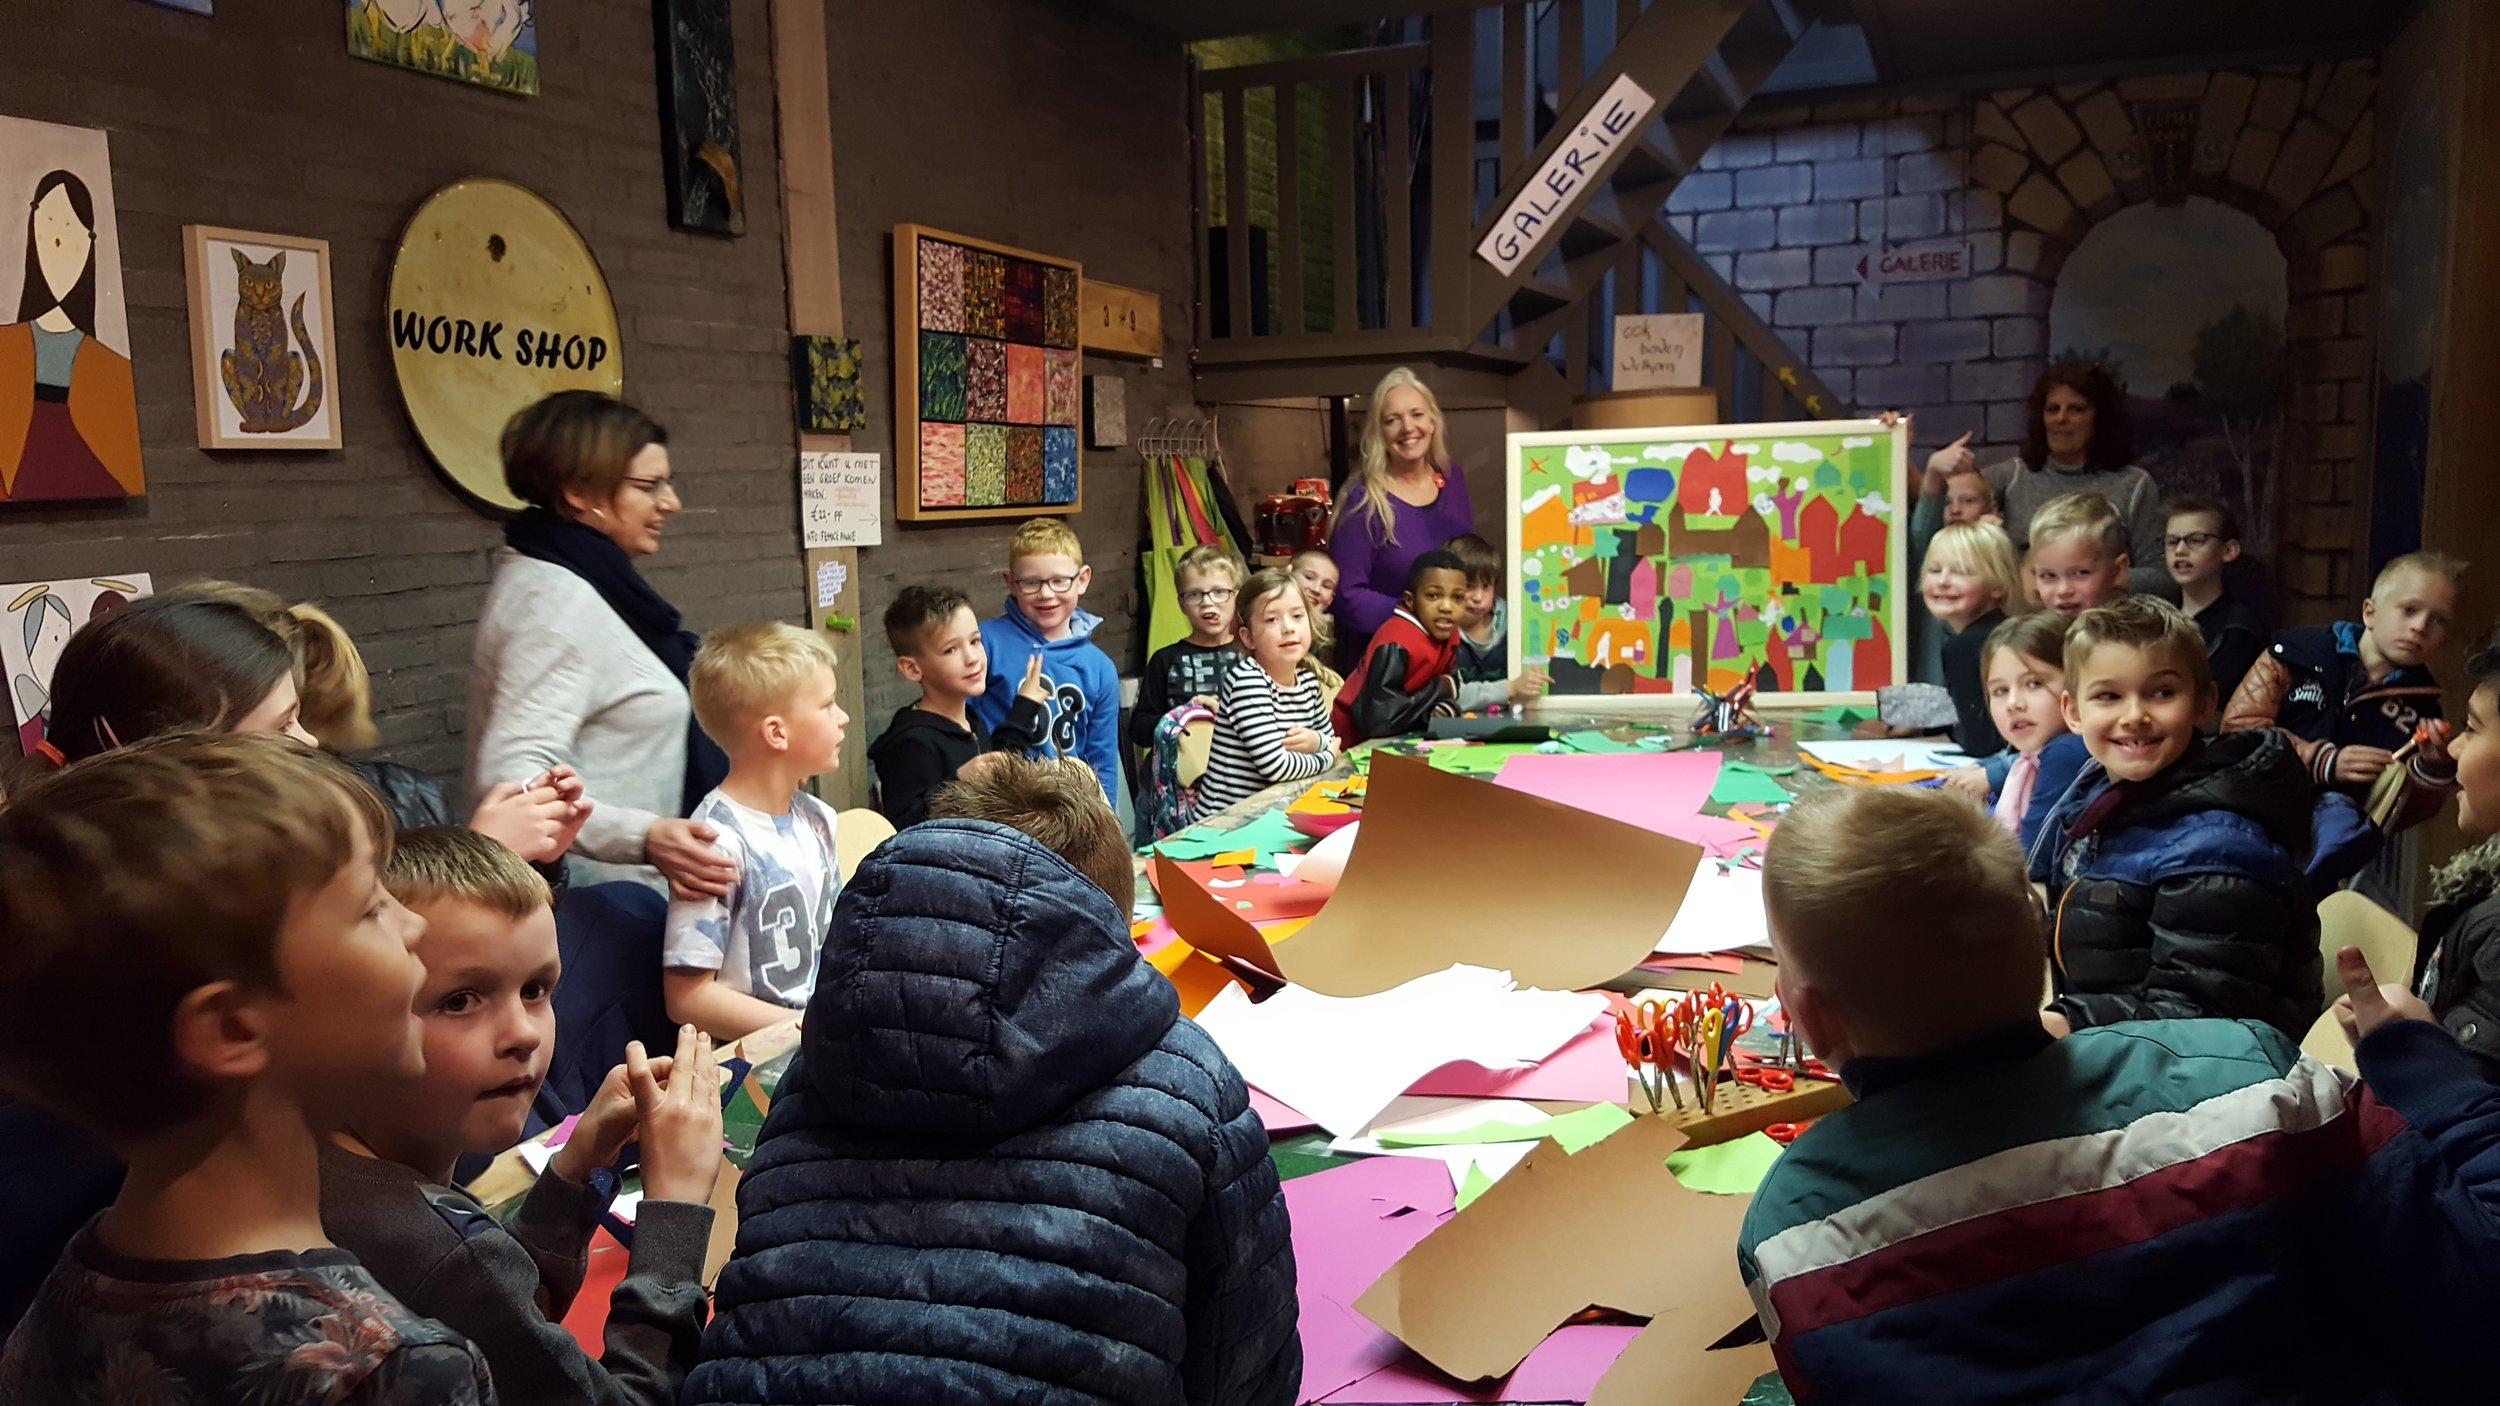 Femke Anne ontvangt met regelmaat groepen. Deze klas kwam ook op bezoek. De groep is in twee gesplitst. 1 groep kreeg les over kunst - de andere groep maakte gezamenlijk (met knippen en plakken) een schilderij. Uiteindelijk gingen er dus twee schilderijen mee naar school en hopelijk zijn ze geïnspireerd om zoveel mogelijk te doen met hun eigen creativiteit.